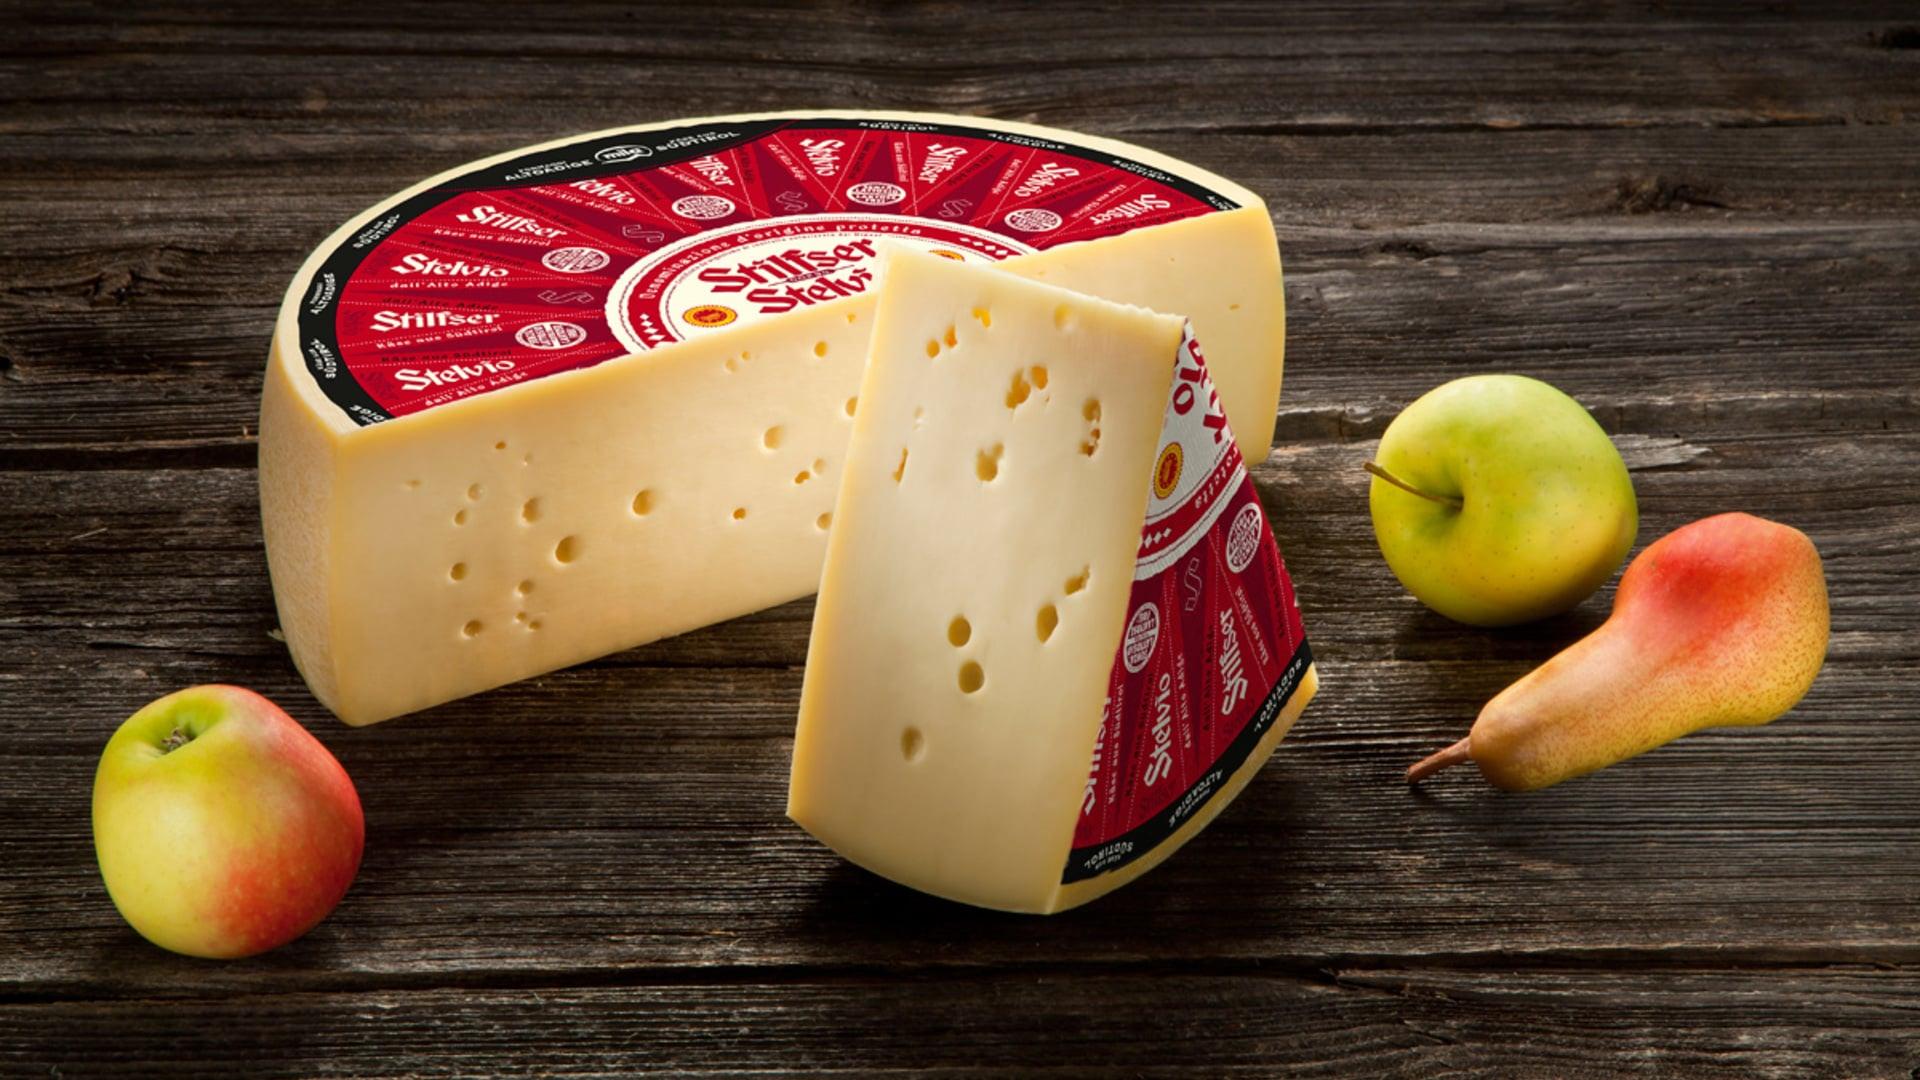 22.01.2019 - Our delicious Stilfser cheese